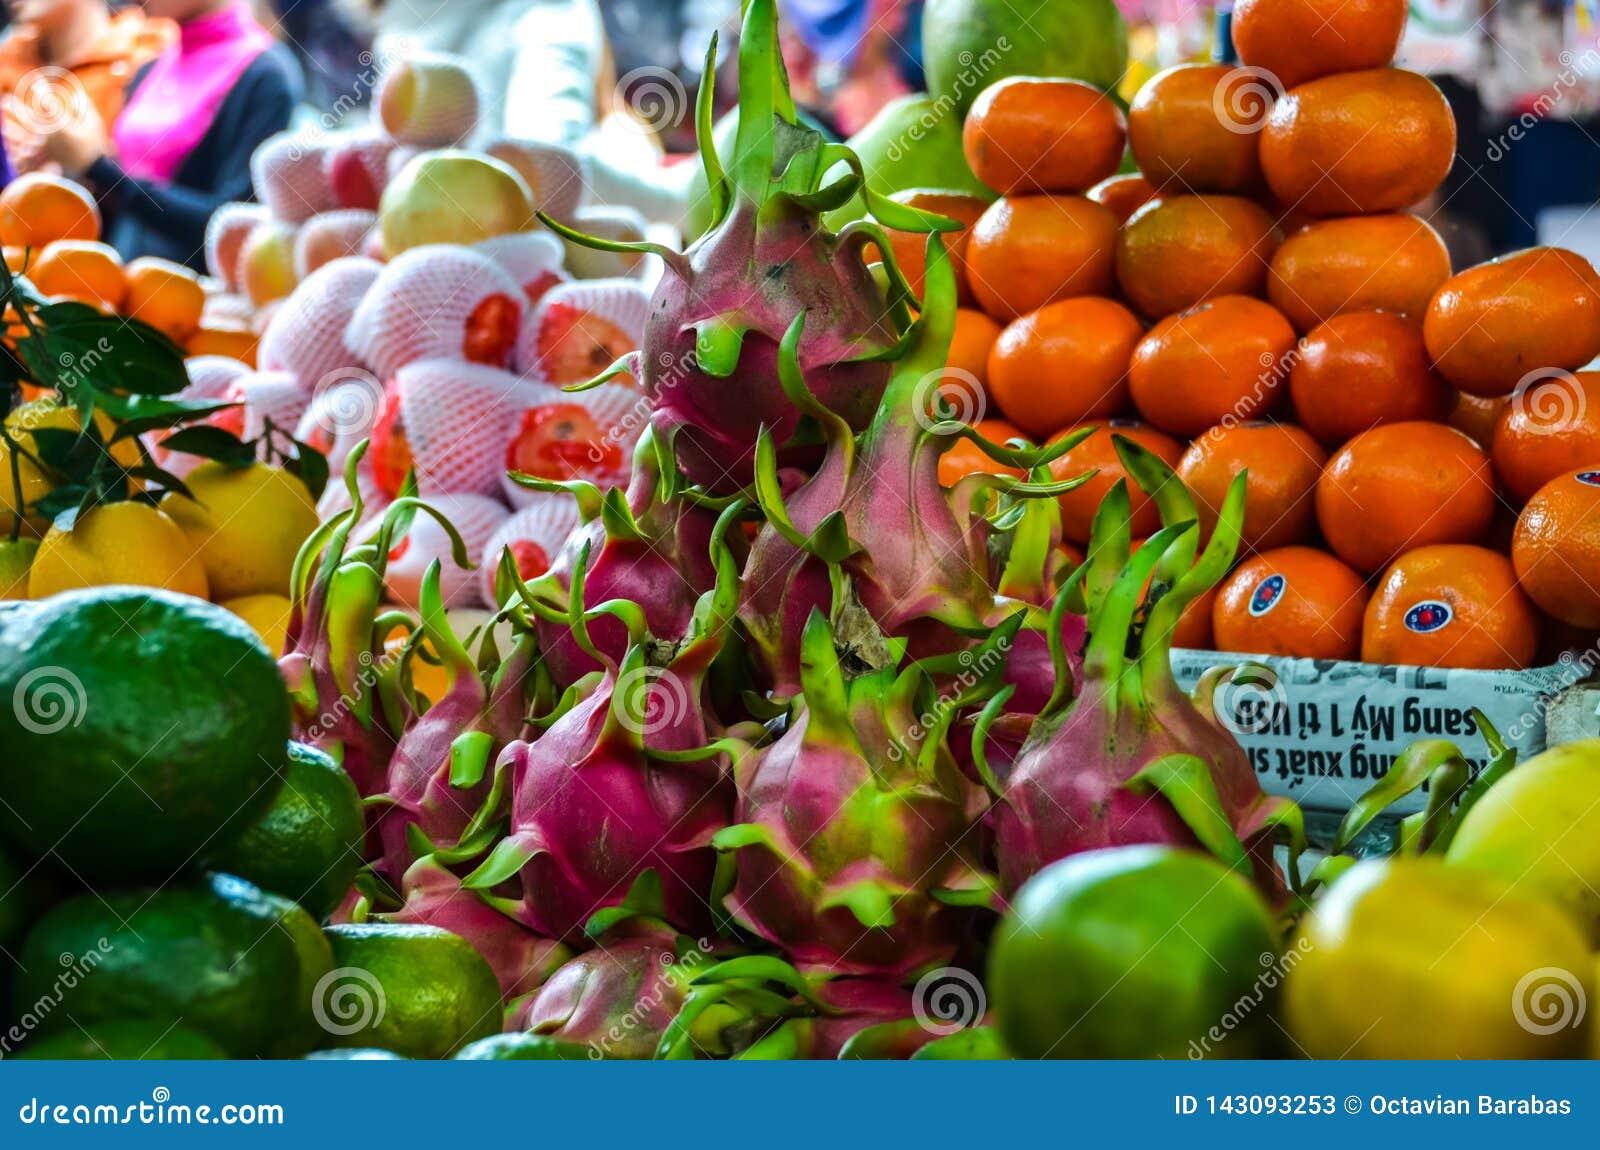 Exotische vruchten op markt in Vietnam voor verkoop